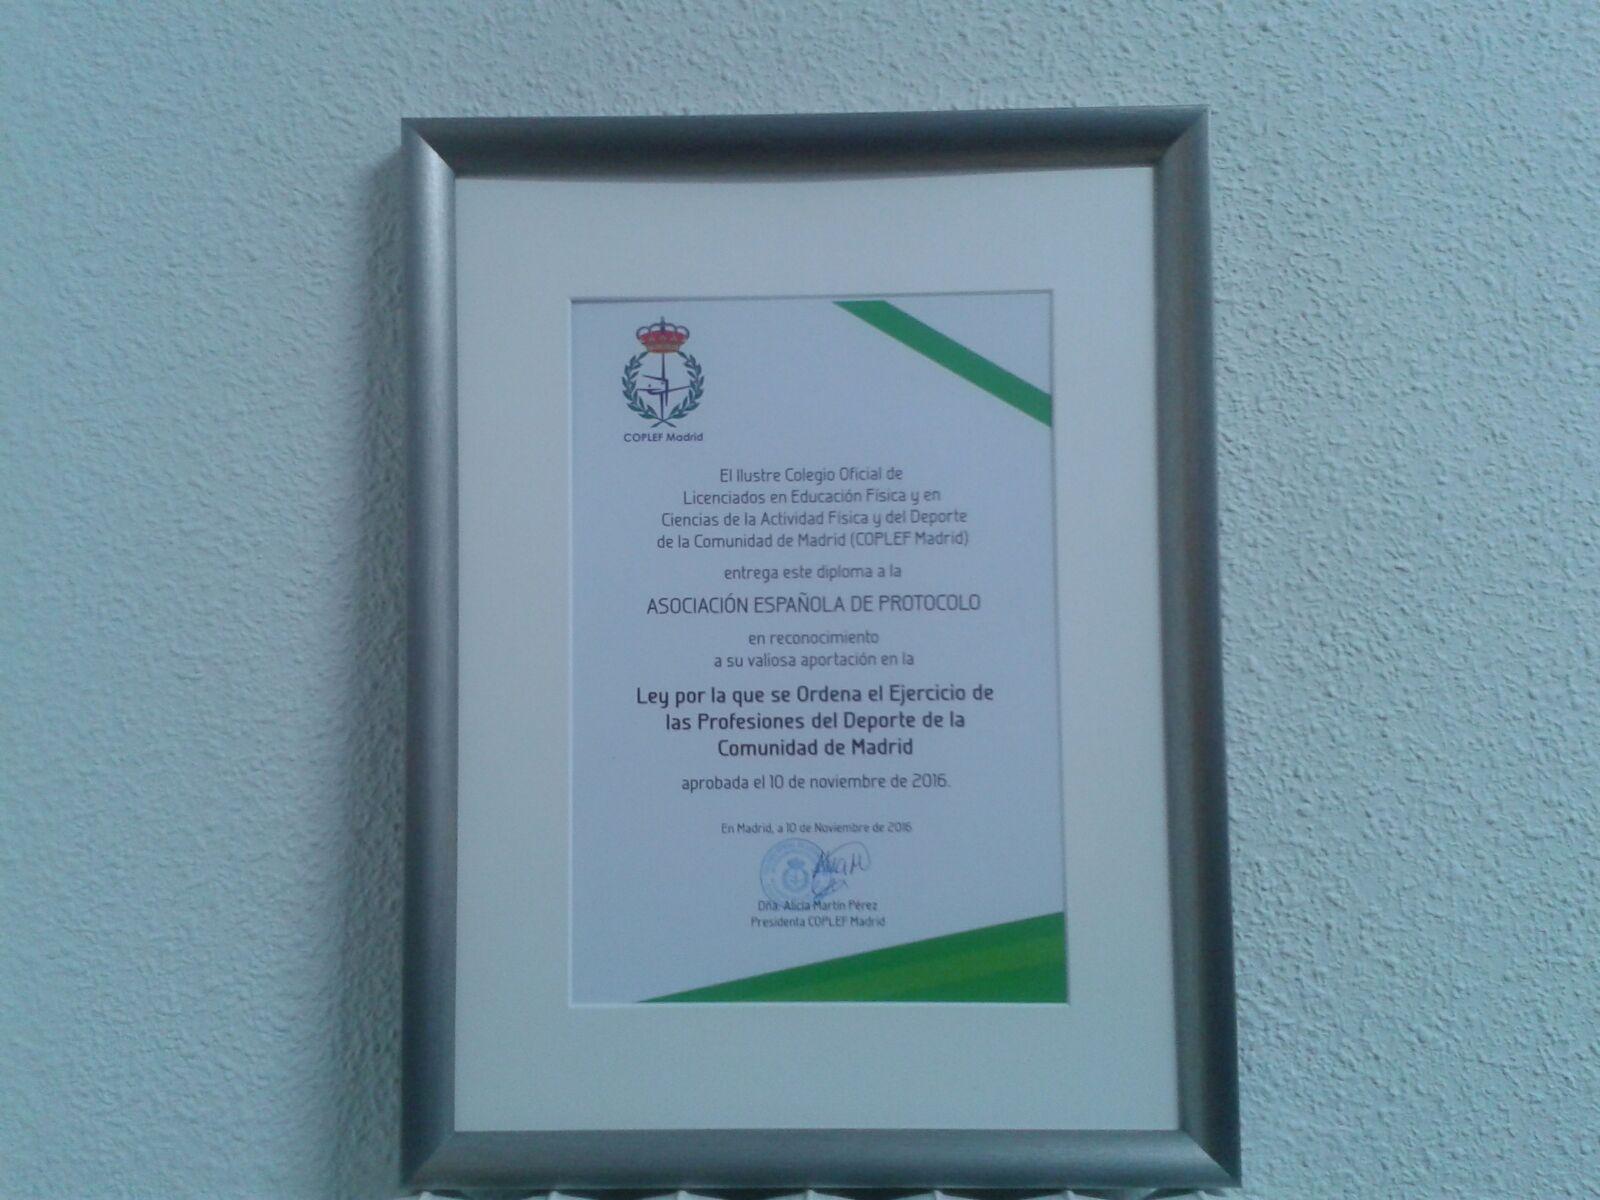 Diploma entregado a la AEP.